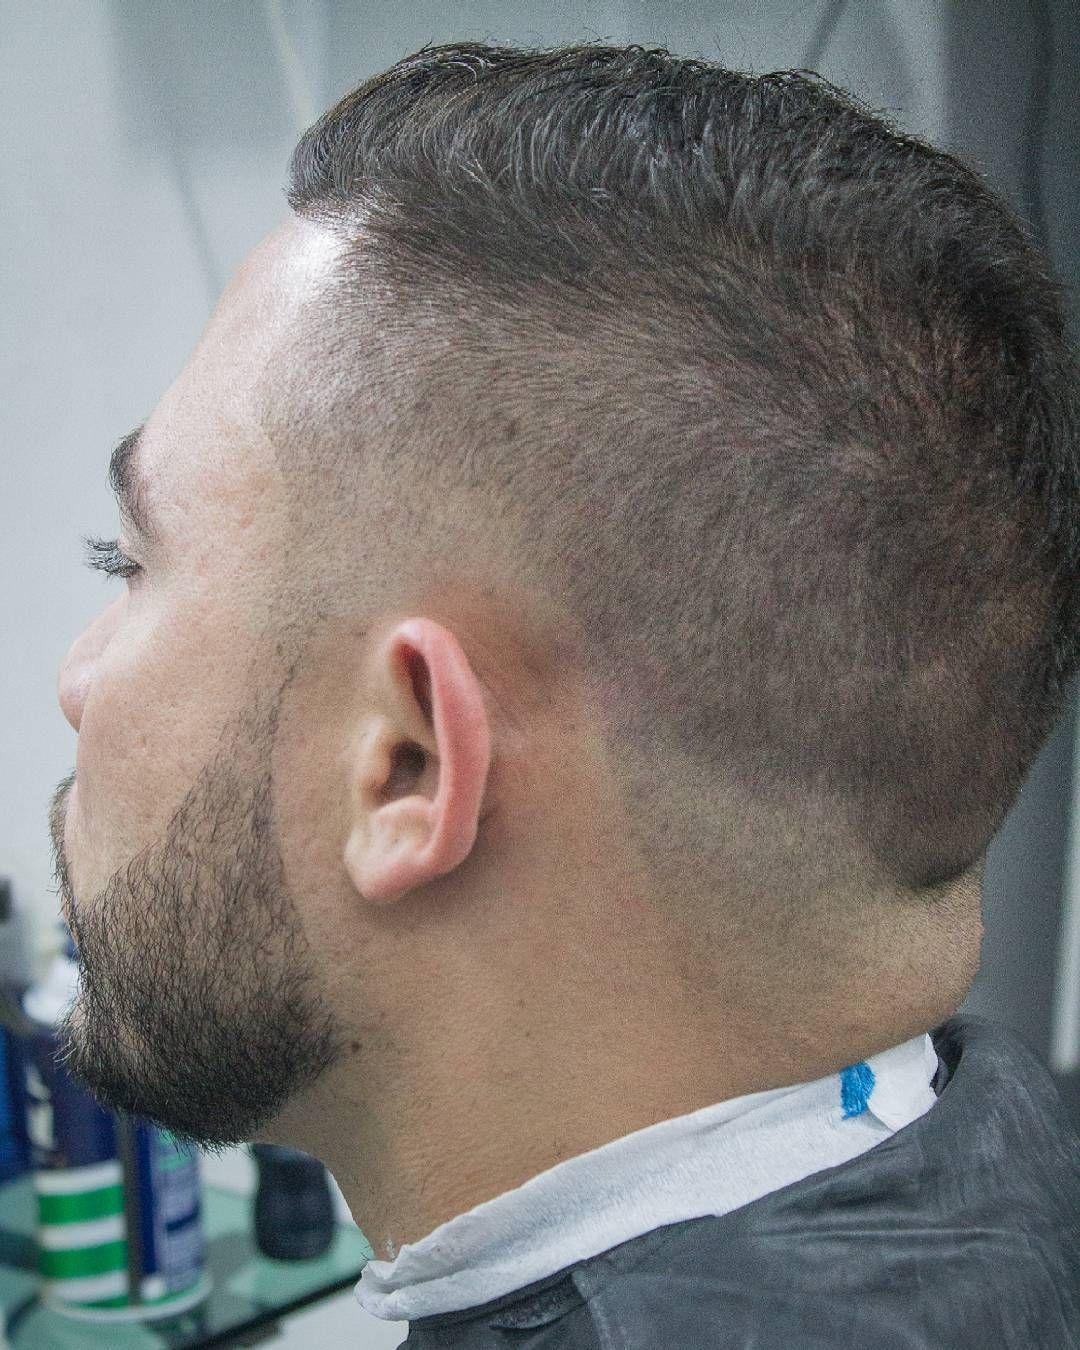 #barbertime #barberia #barbershop #barberlife #sharpfade #barbershopconnect #barberlive #barberlove by reds_barber